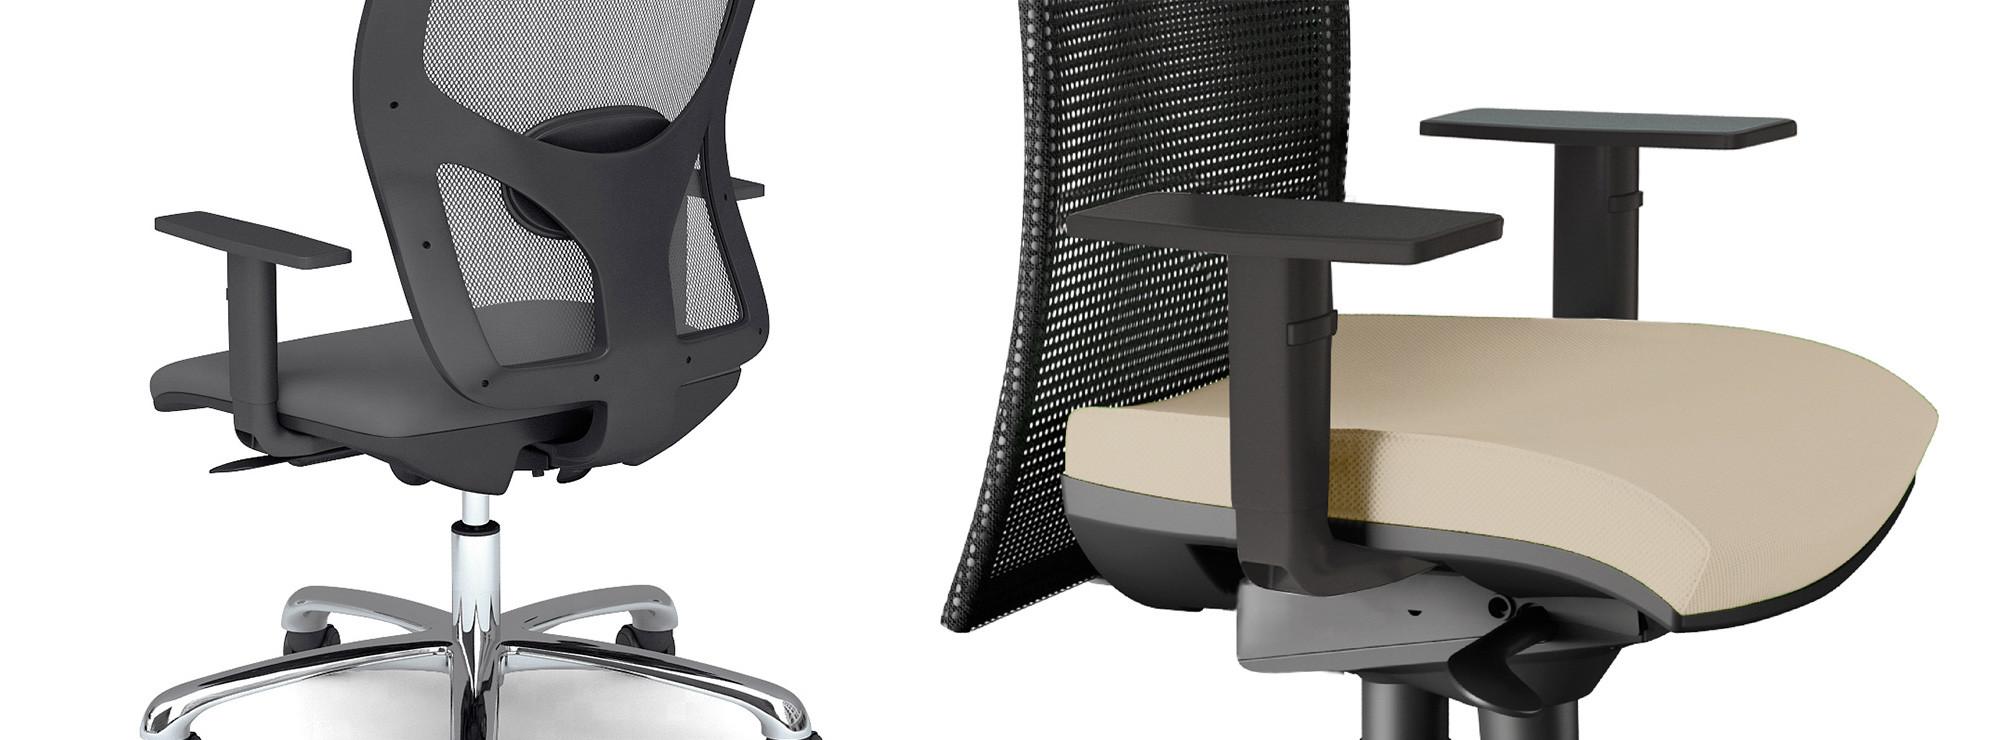 Postazione Ergonomica Per Computer sedia ergonomica ufficio, la scelta giusta contro il mal di